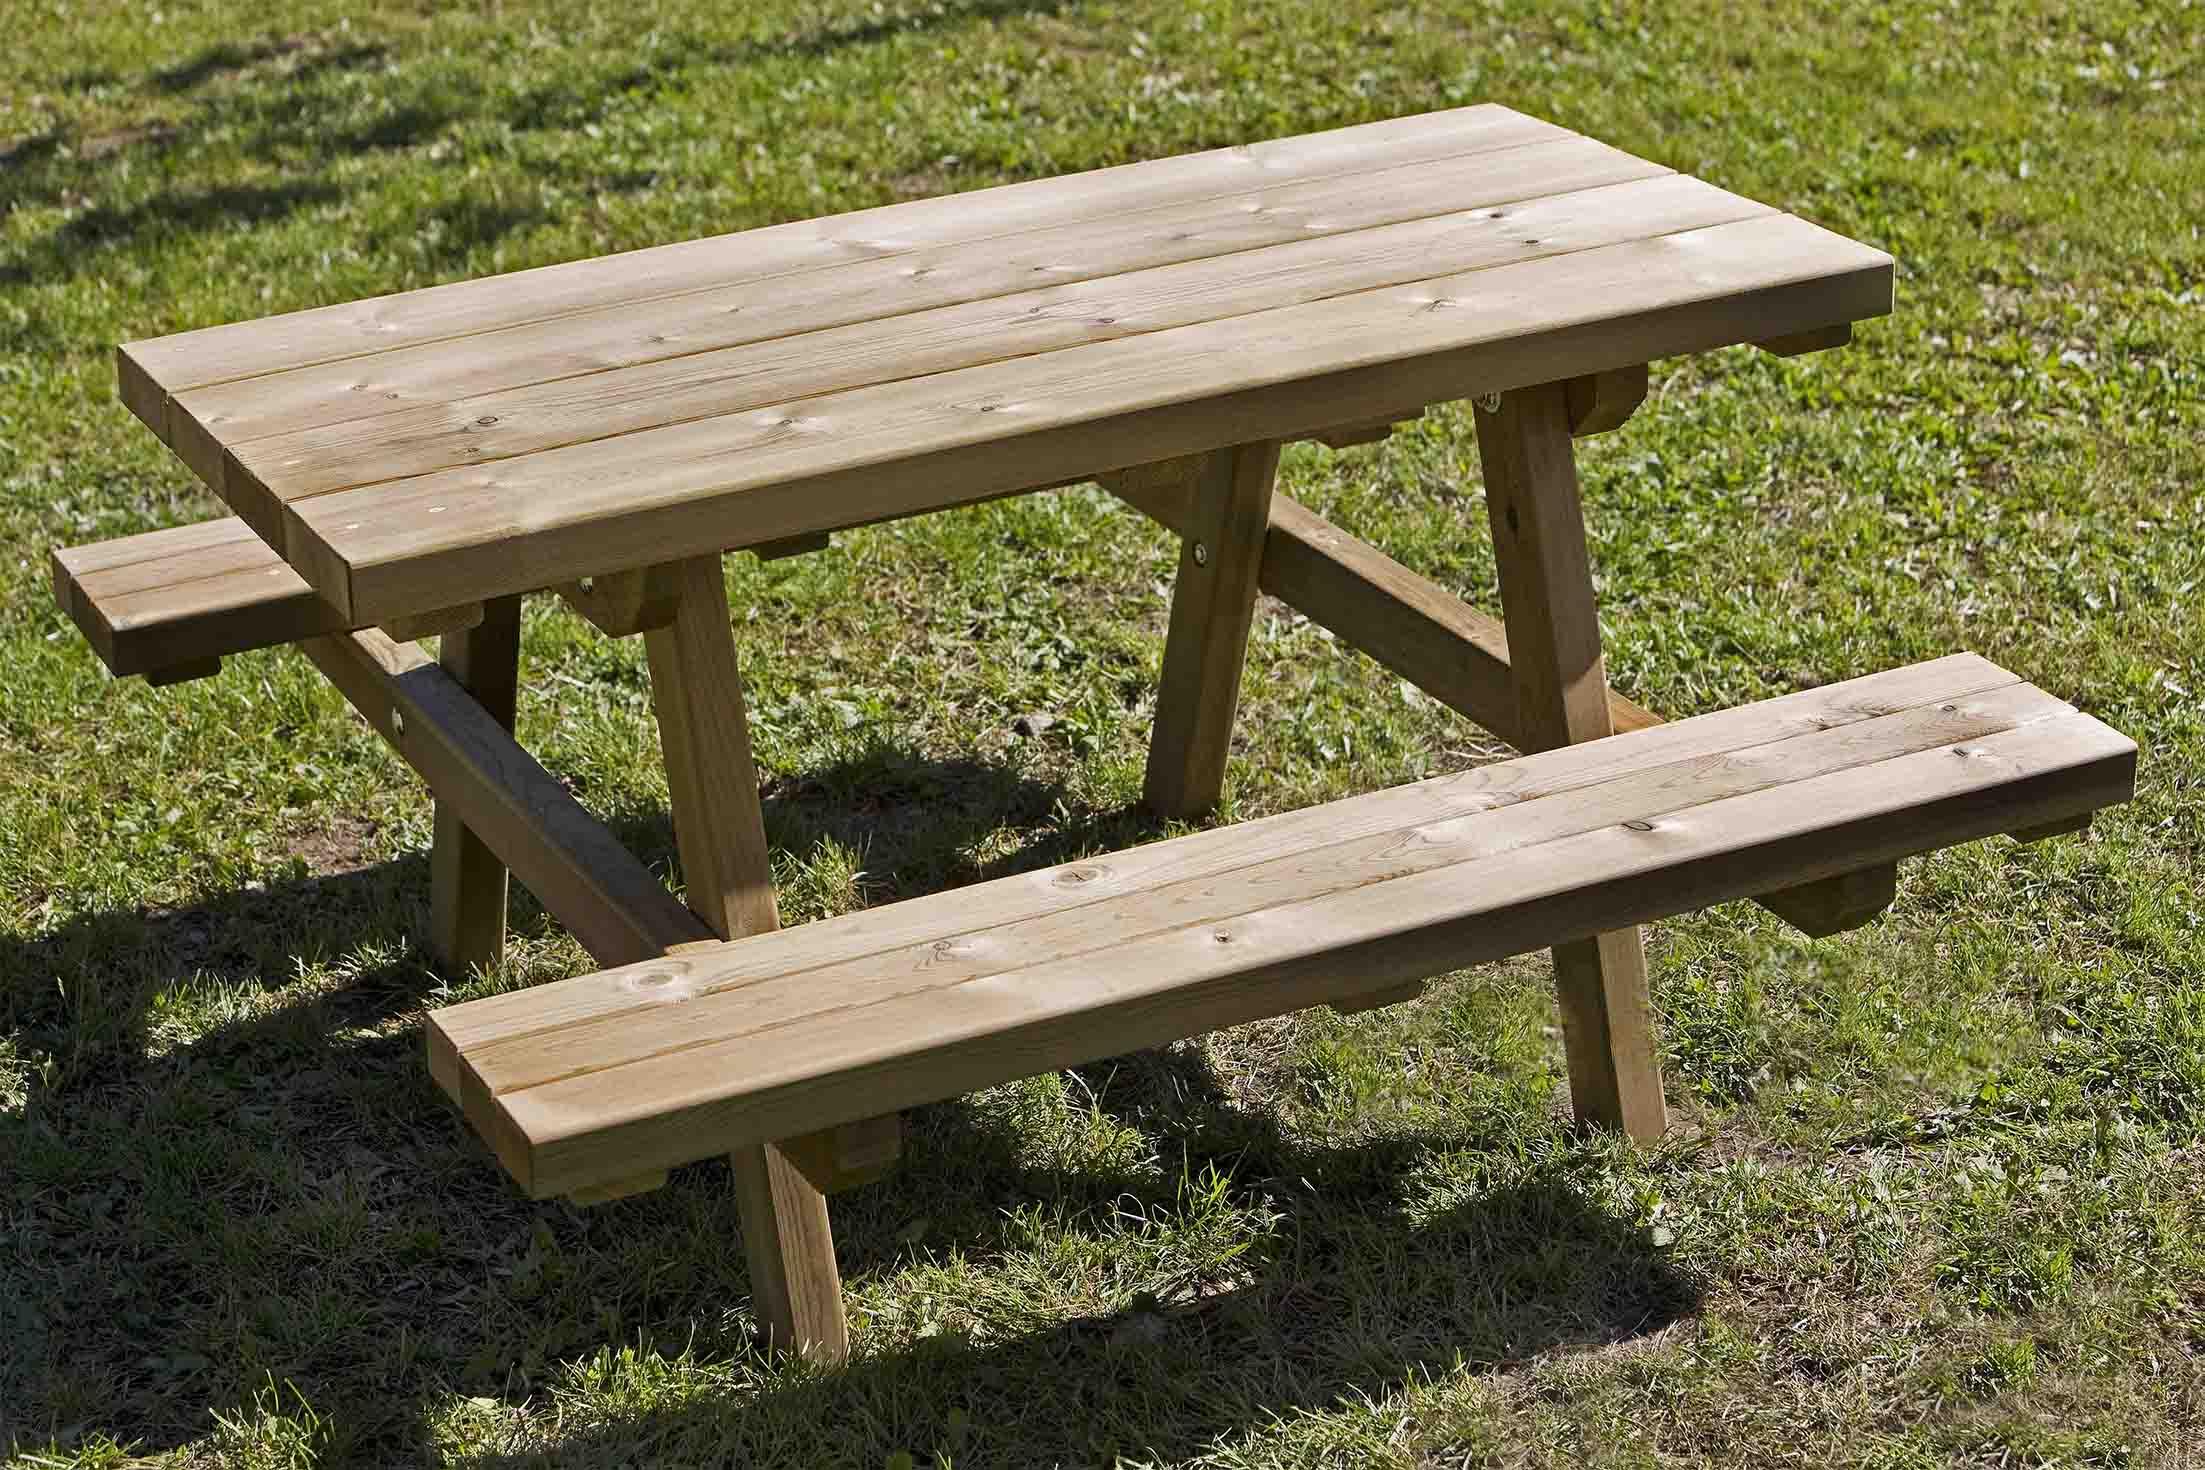 Tavolo per bambini in legno di pino impregnato in autoclave realizzata da Linea Montanalegno - ILT